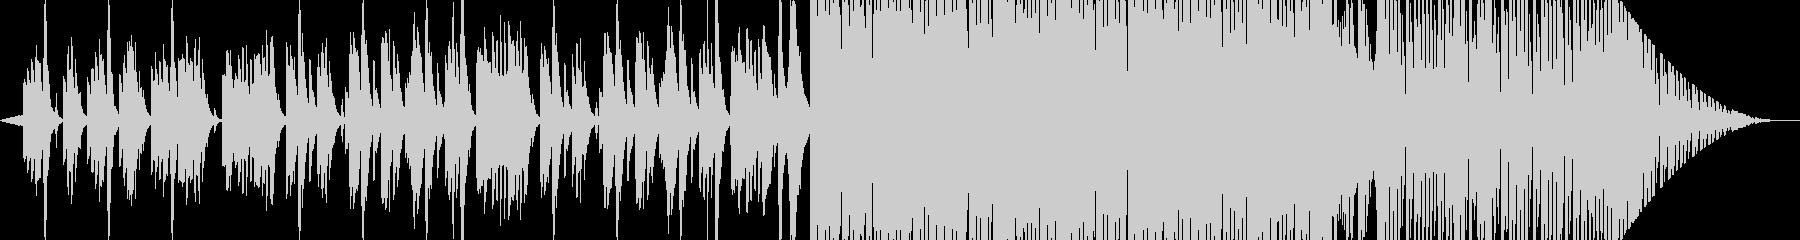 KEYにありそうな冬のオルゴールの未再生の波形